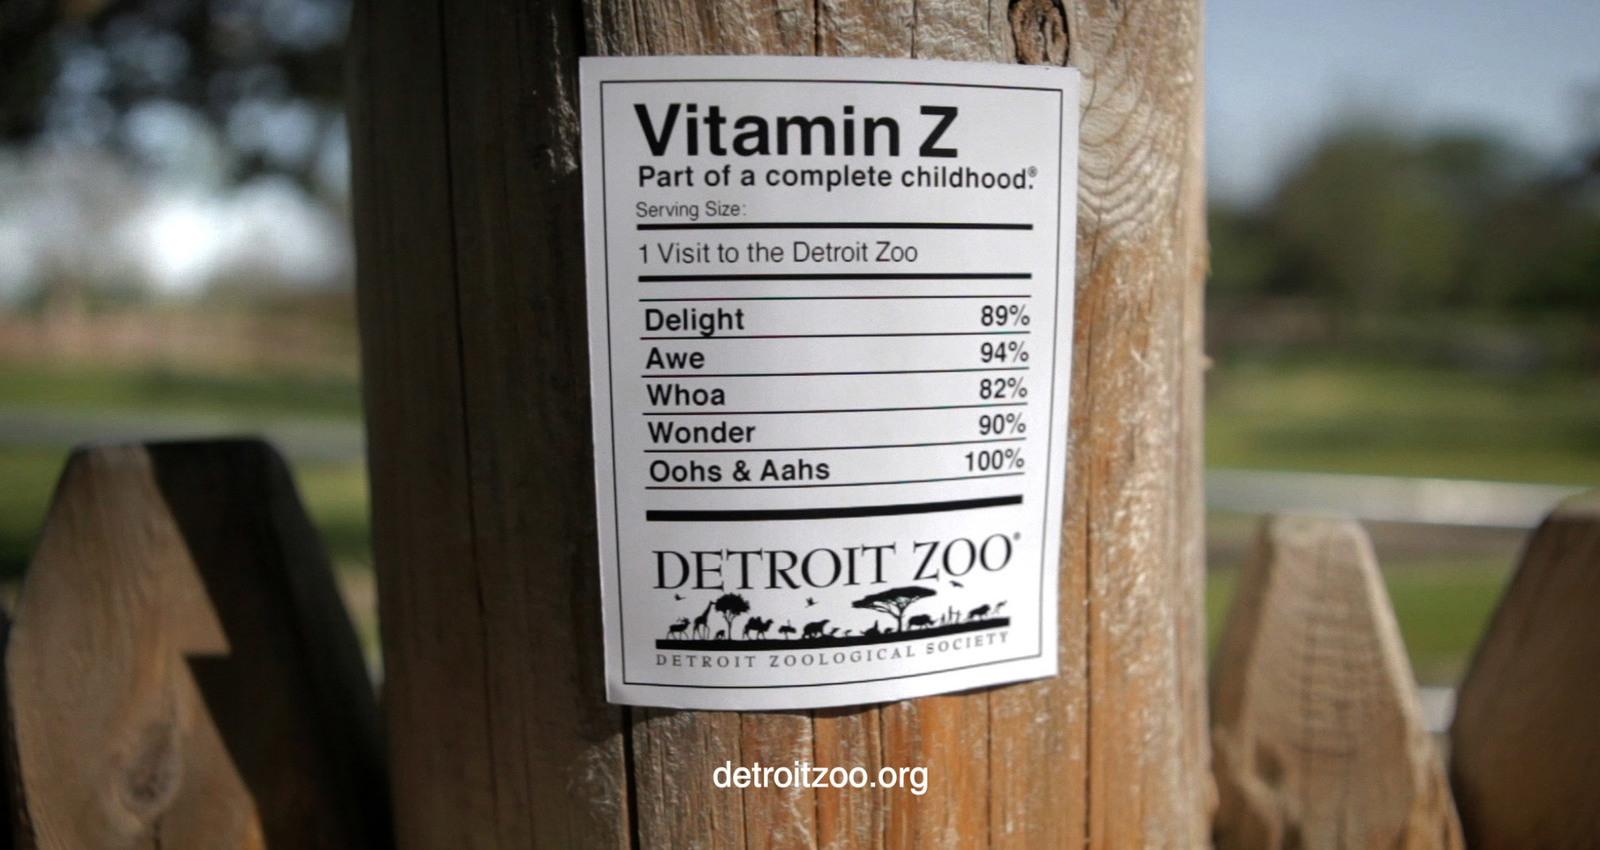 Vitamin Z